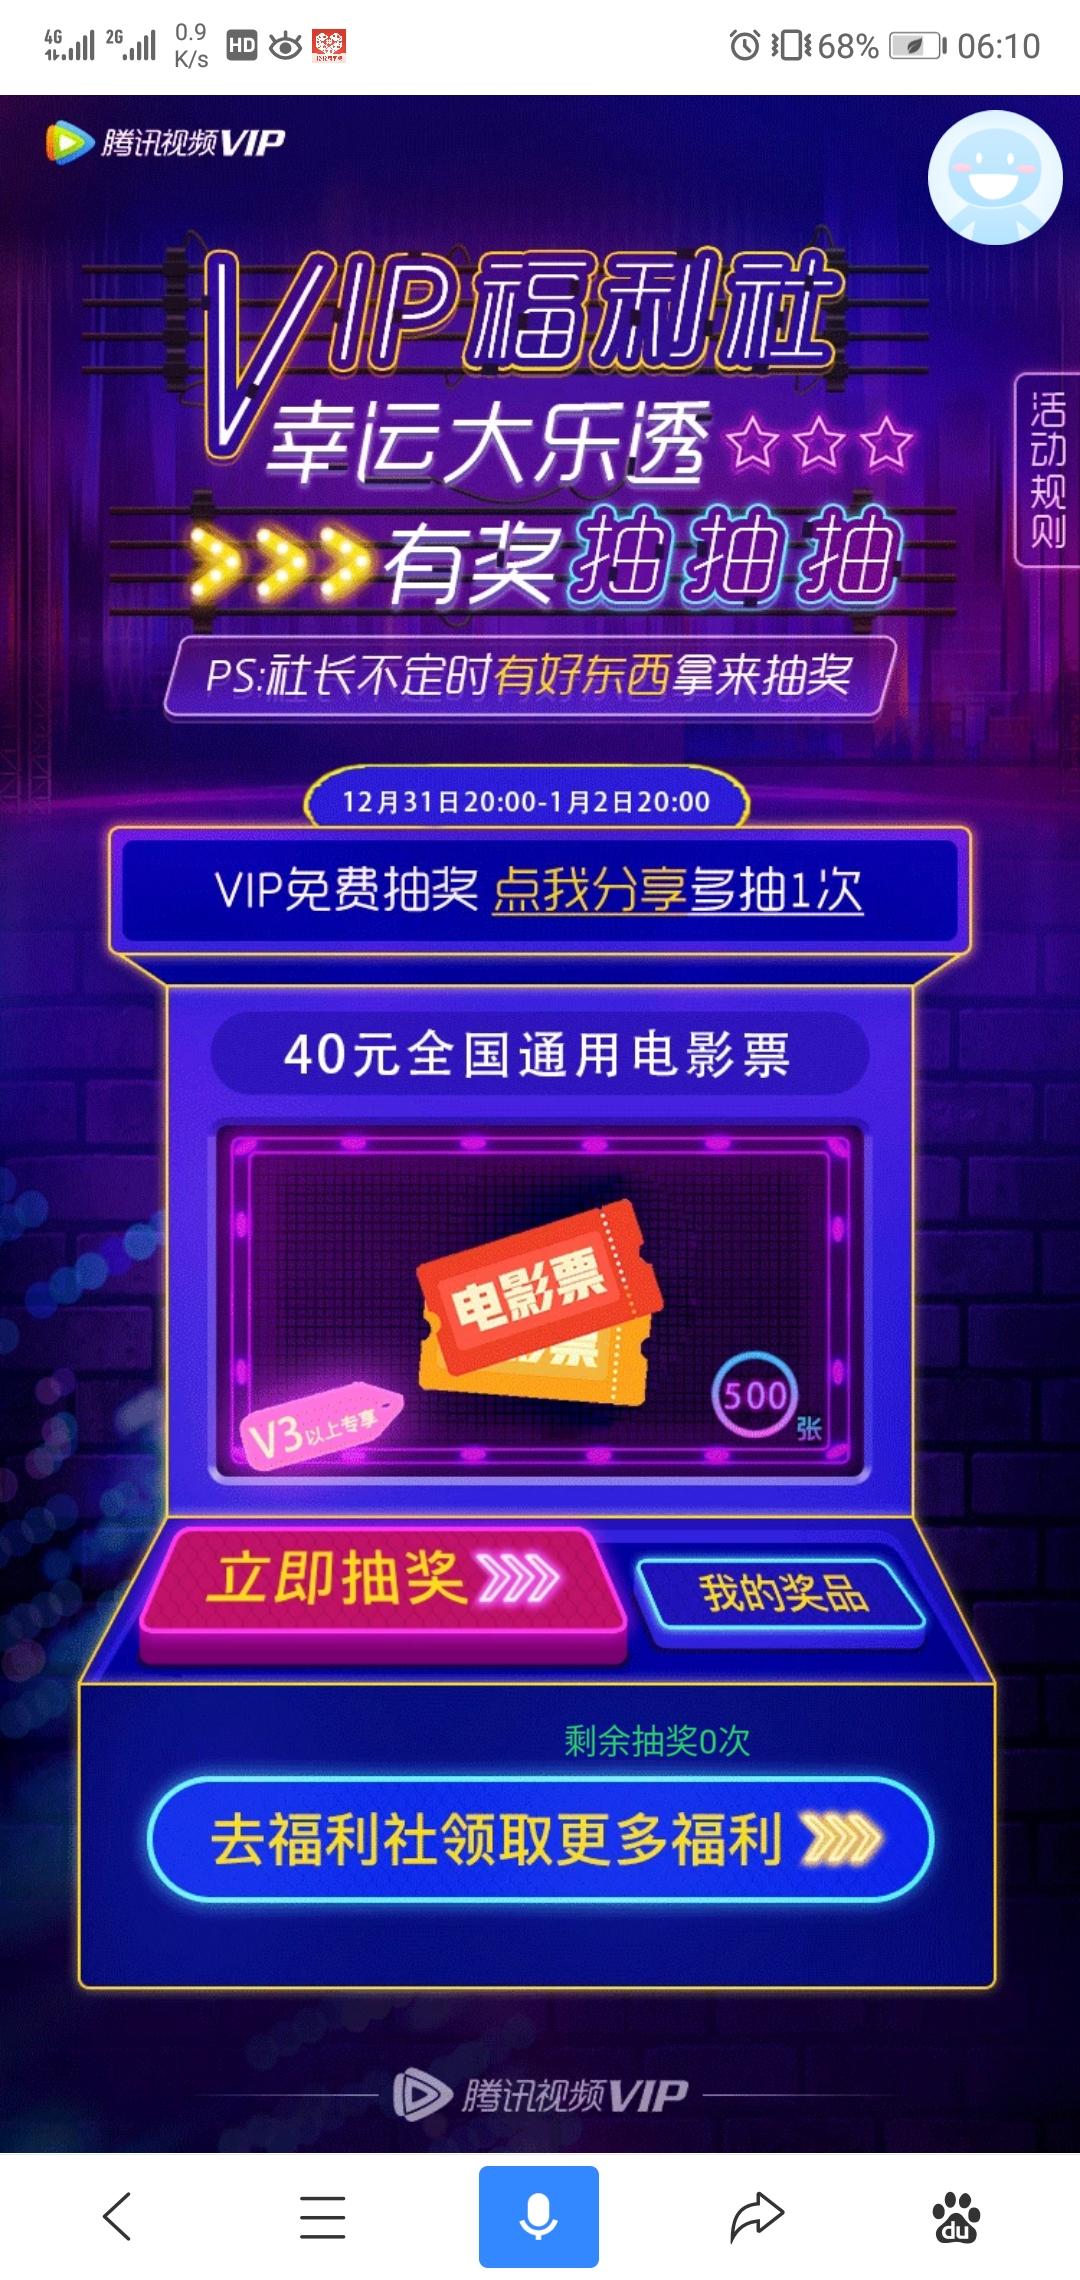 腾讯VIP限时抽40元全国通用电影票 VIP免费抽奖  第1张